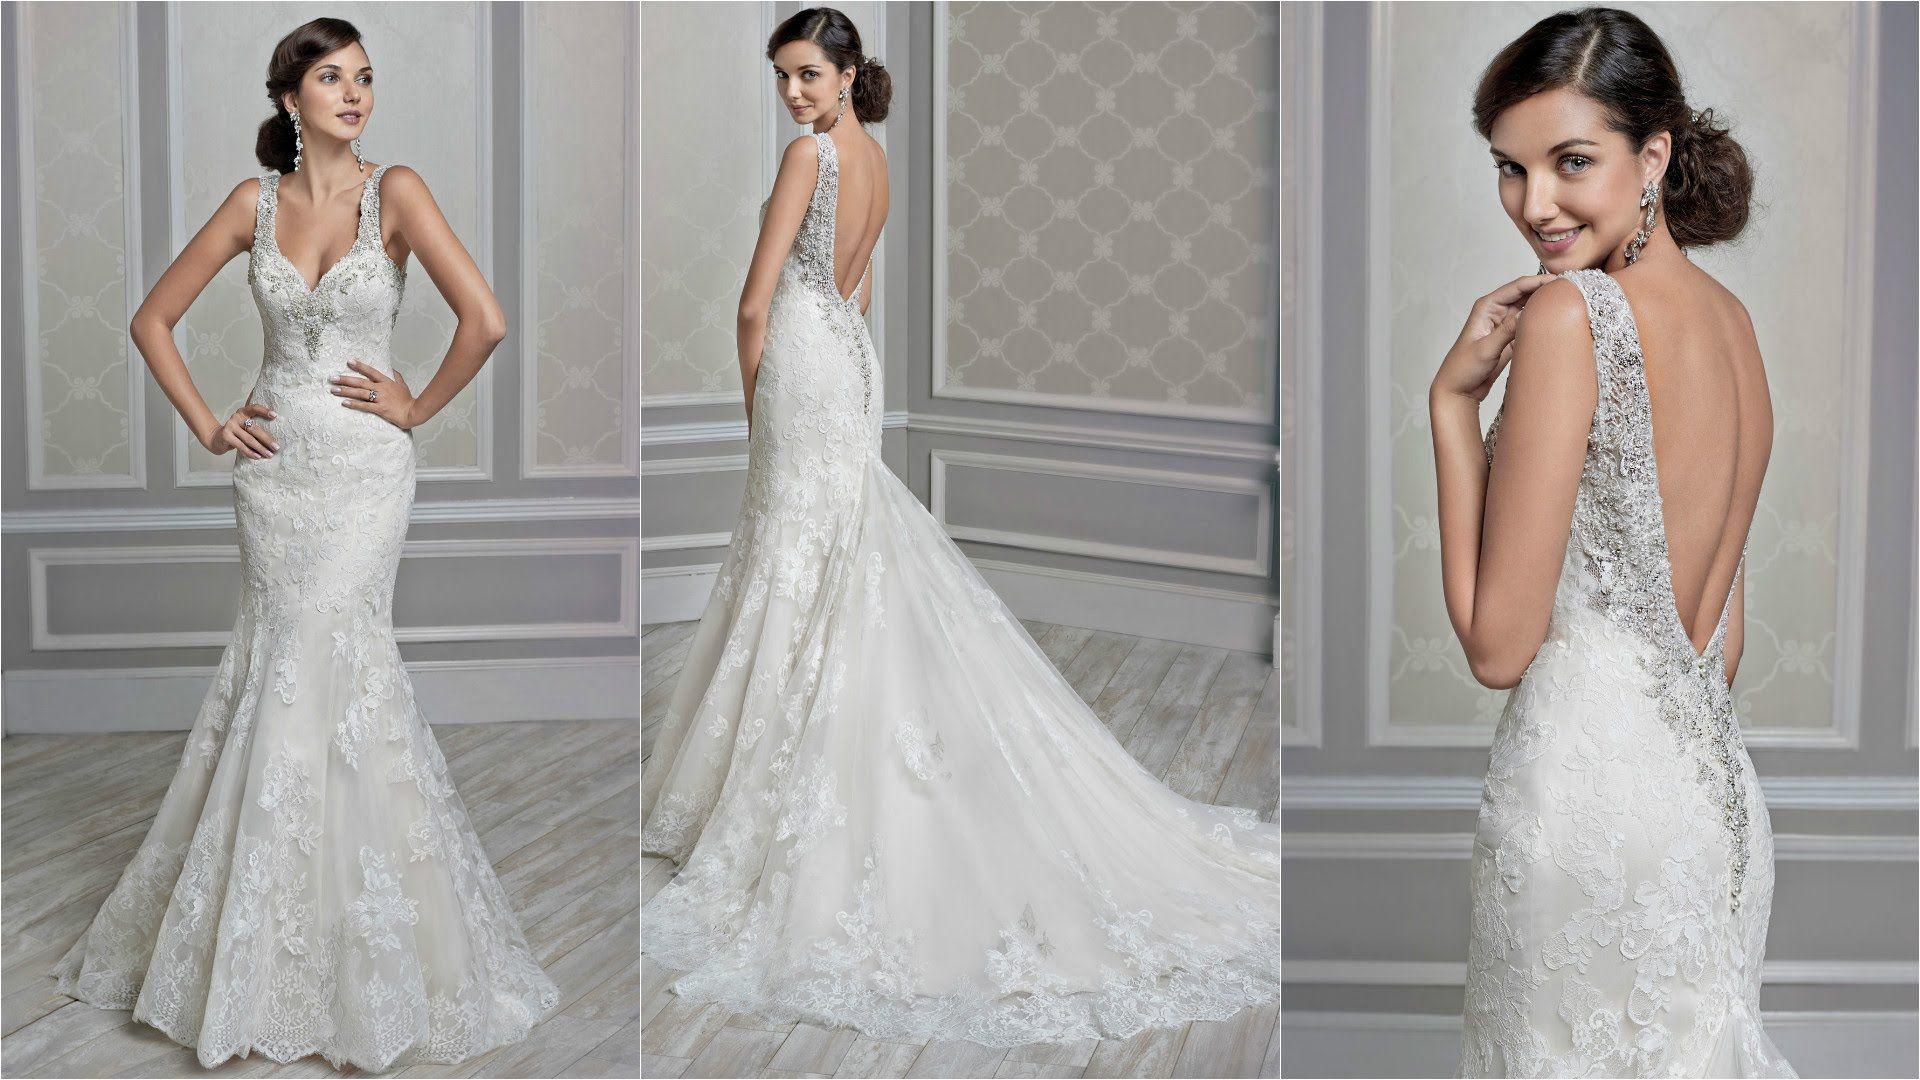 Image result for wedding dresses wedding dresses pinterest